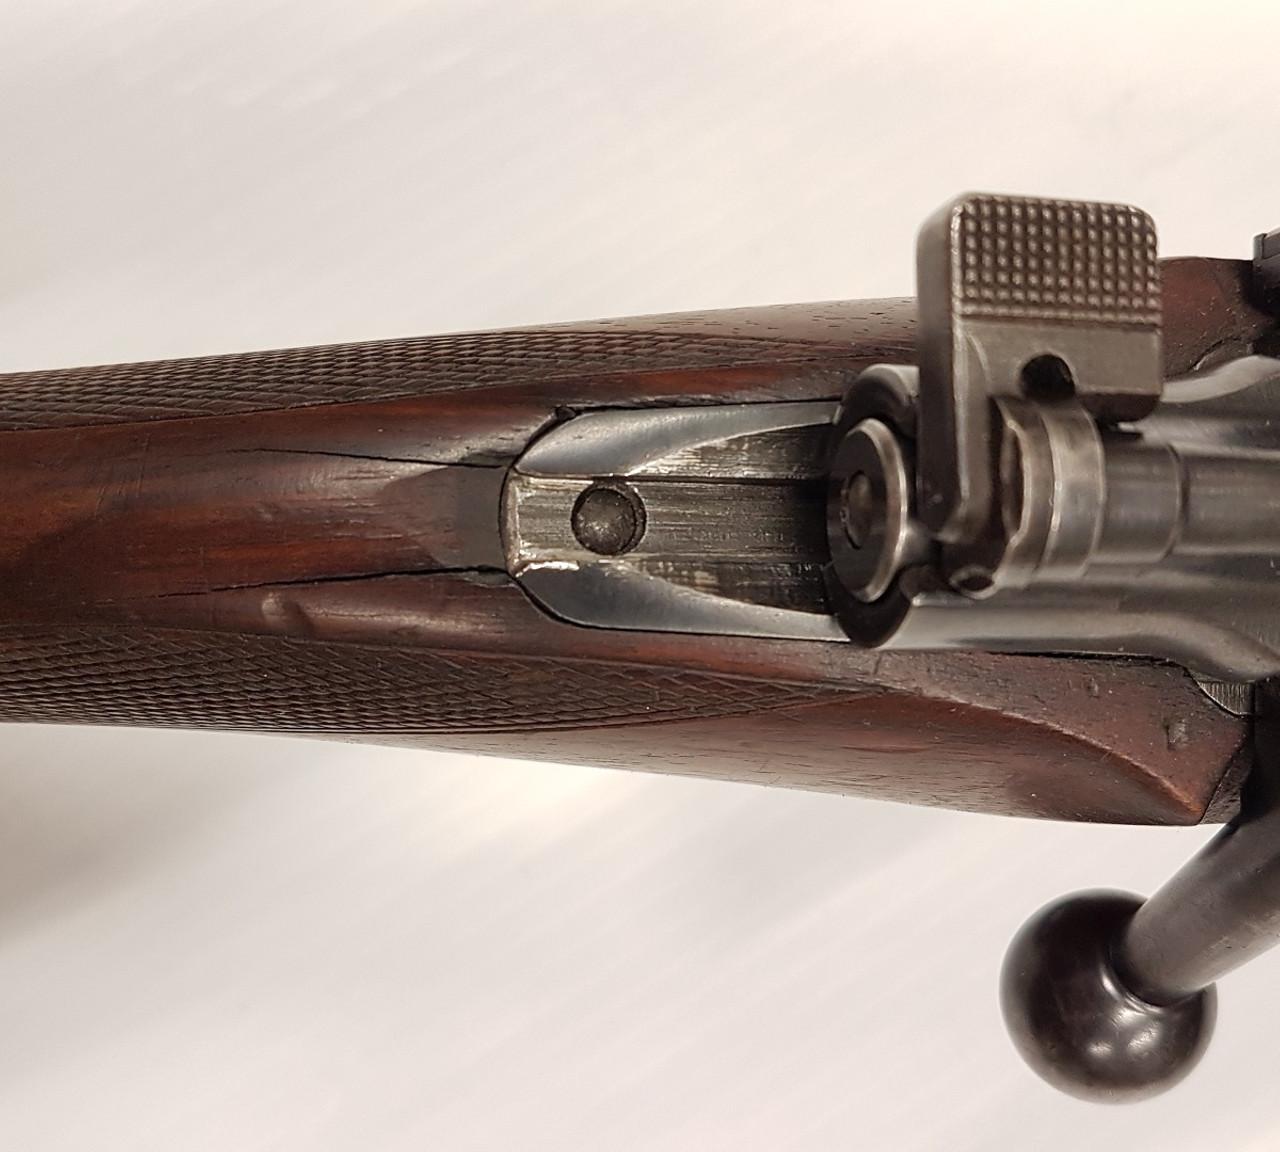 Husqvarna 9.3mm Rifle 1942 (171138) - Used